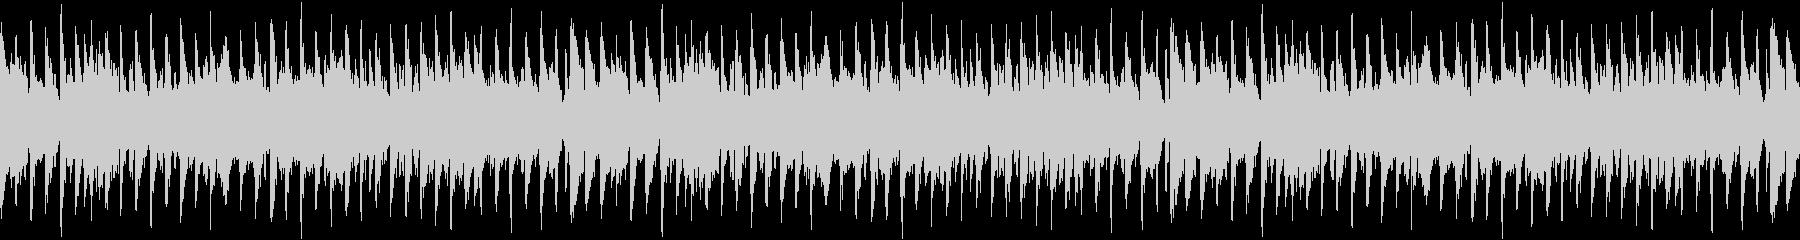 ラインダンスループ1の未再生の波形